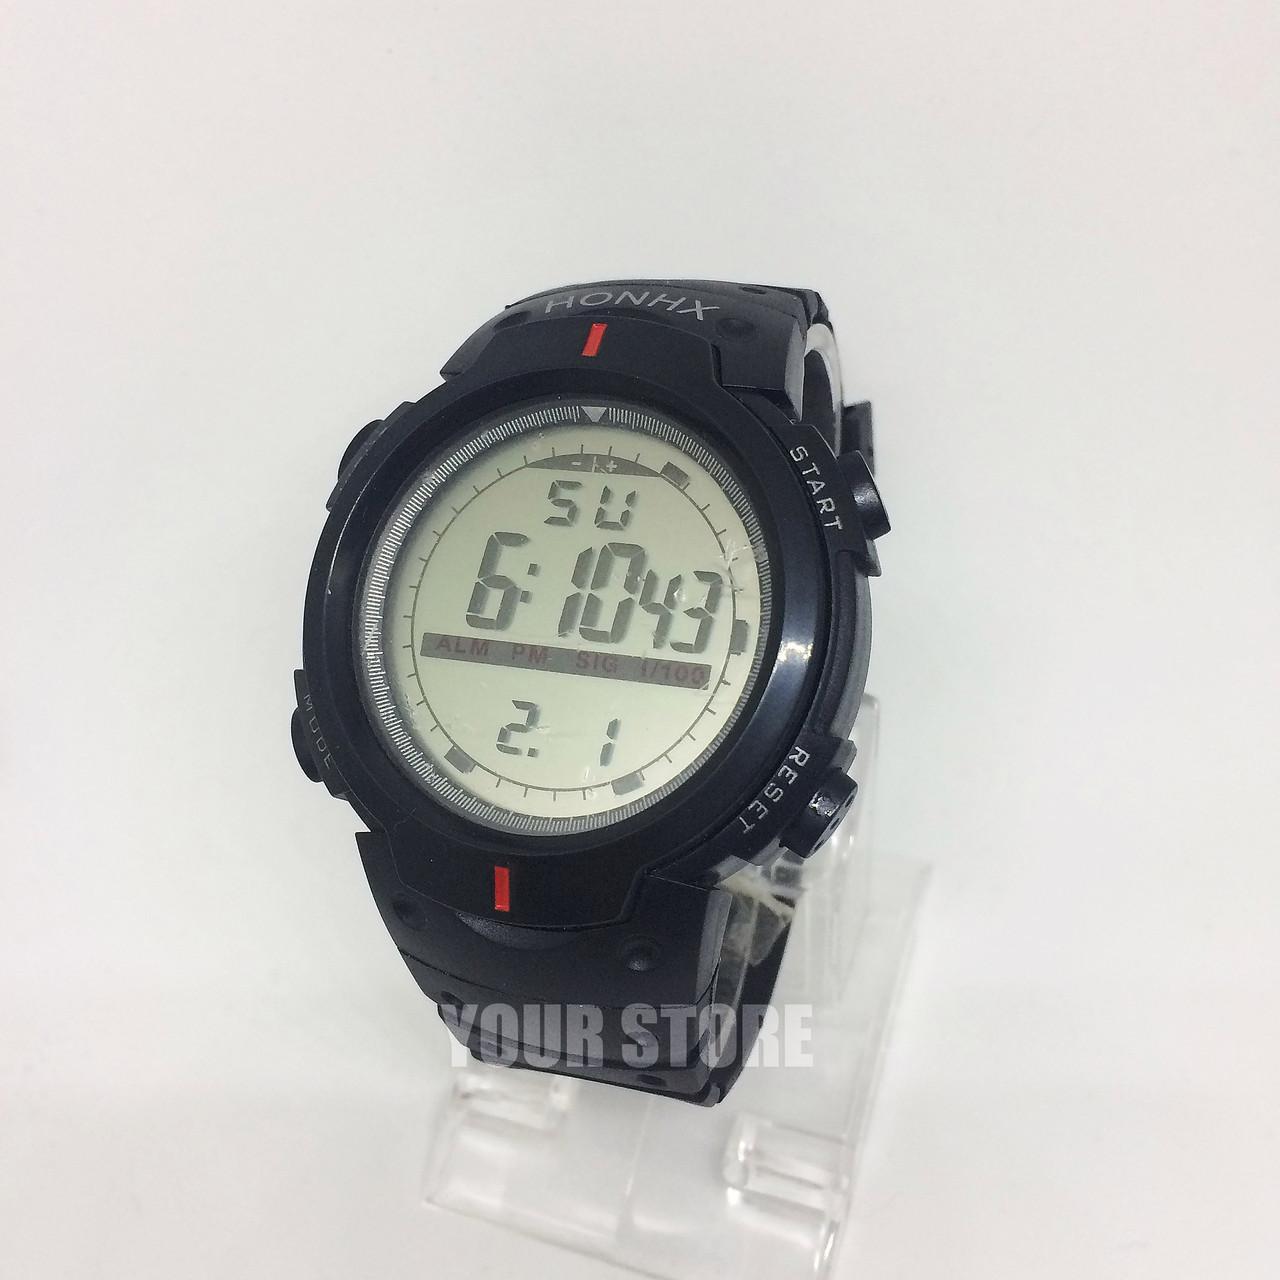 Мужские часы с секундомером и будильником